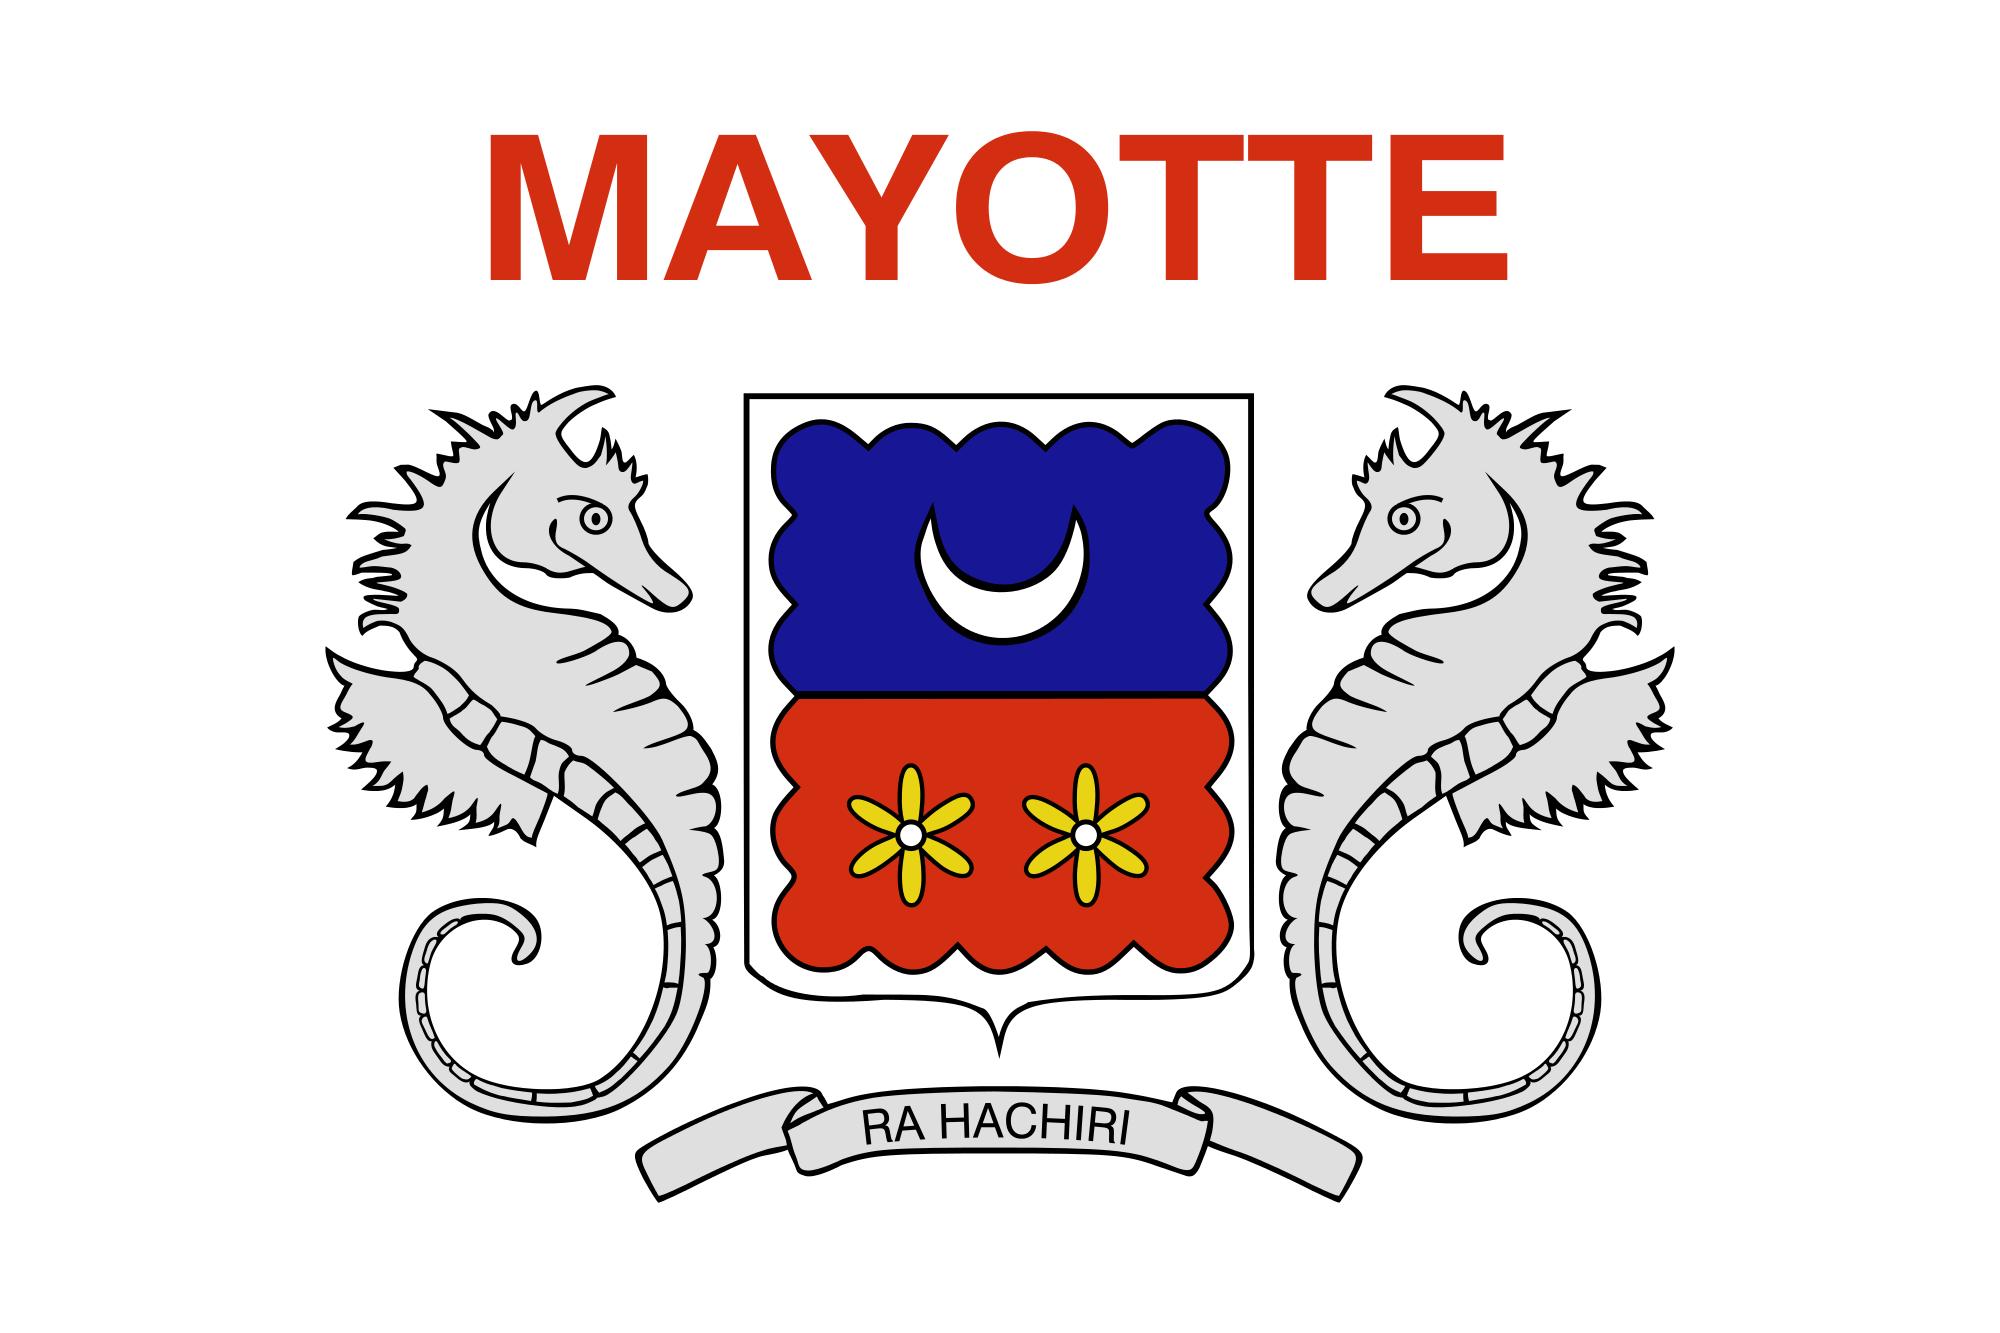 Майотта, страна, Эмблема, логотип, символ - Обои HD - Профессор falken.com